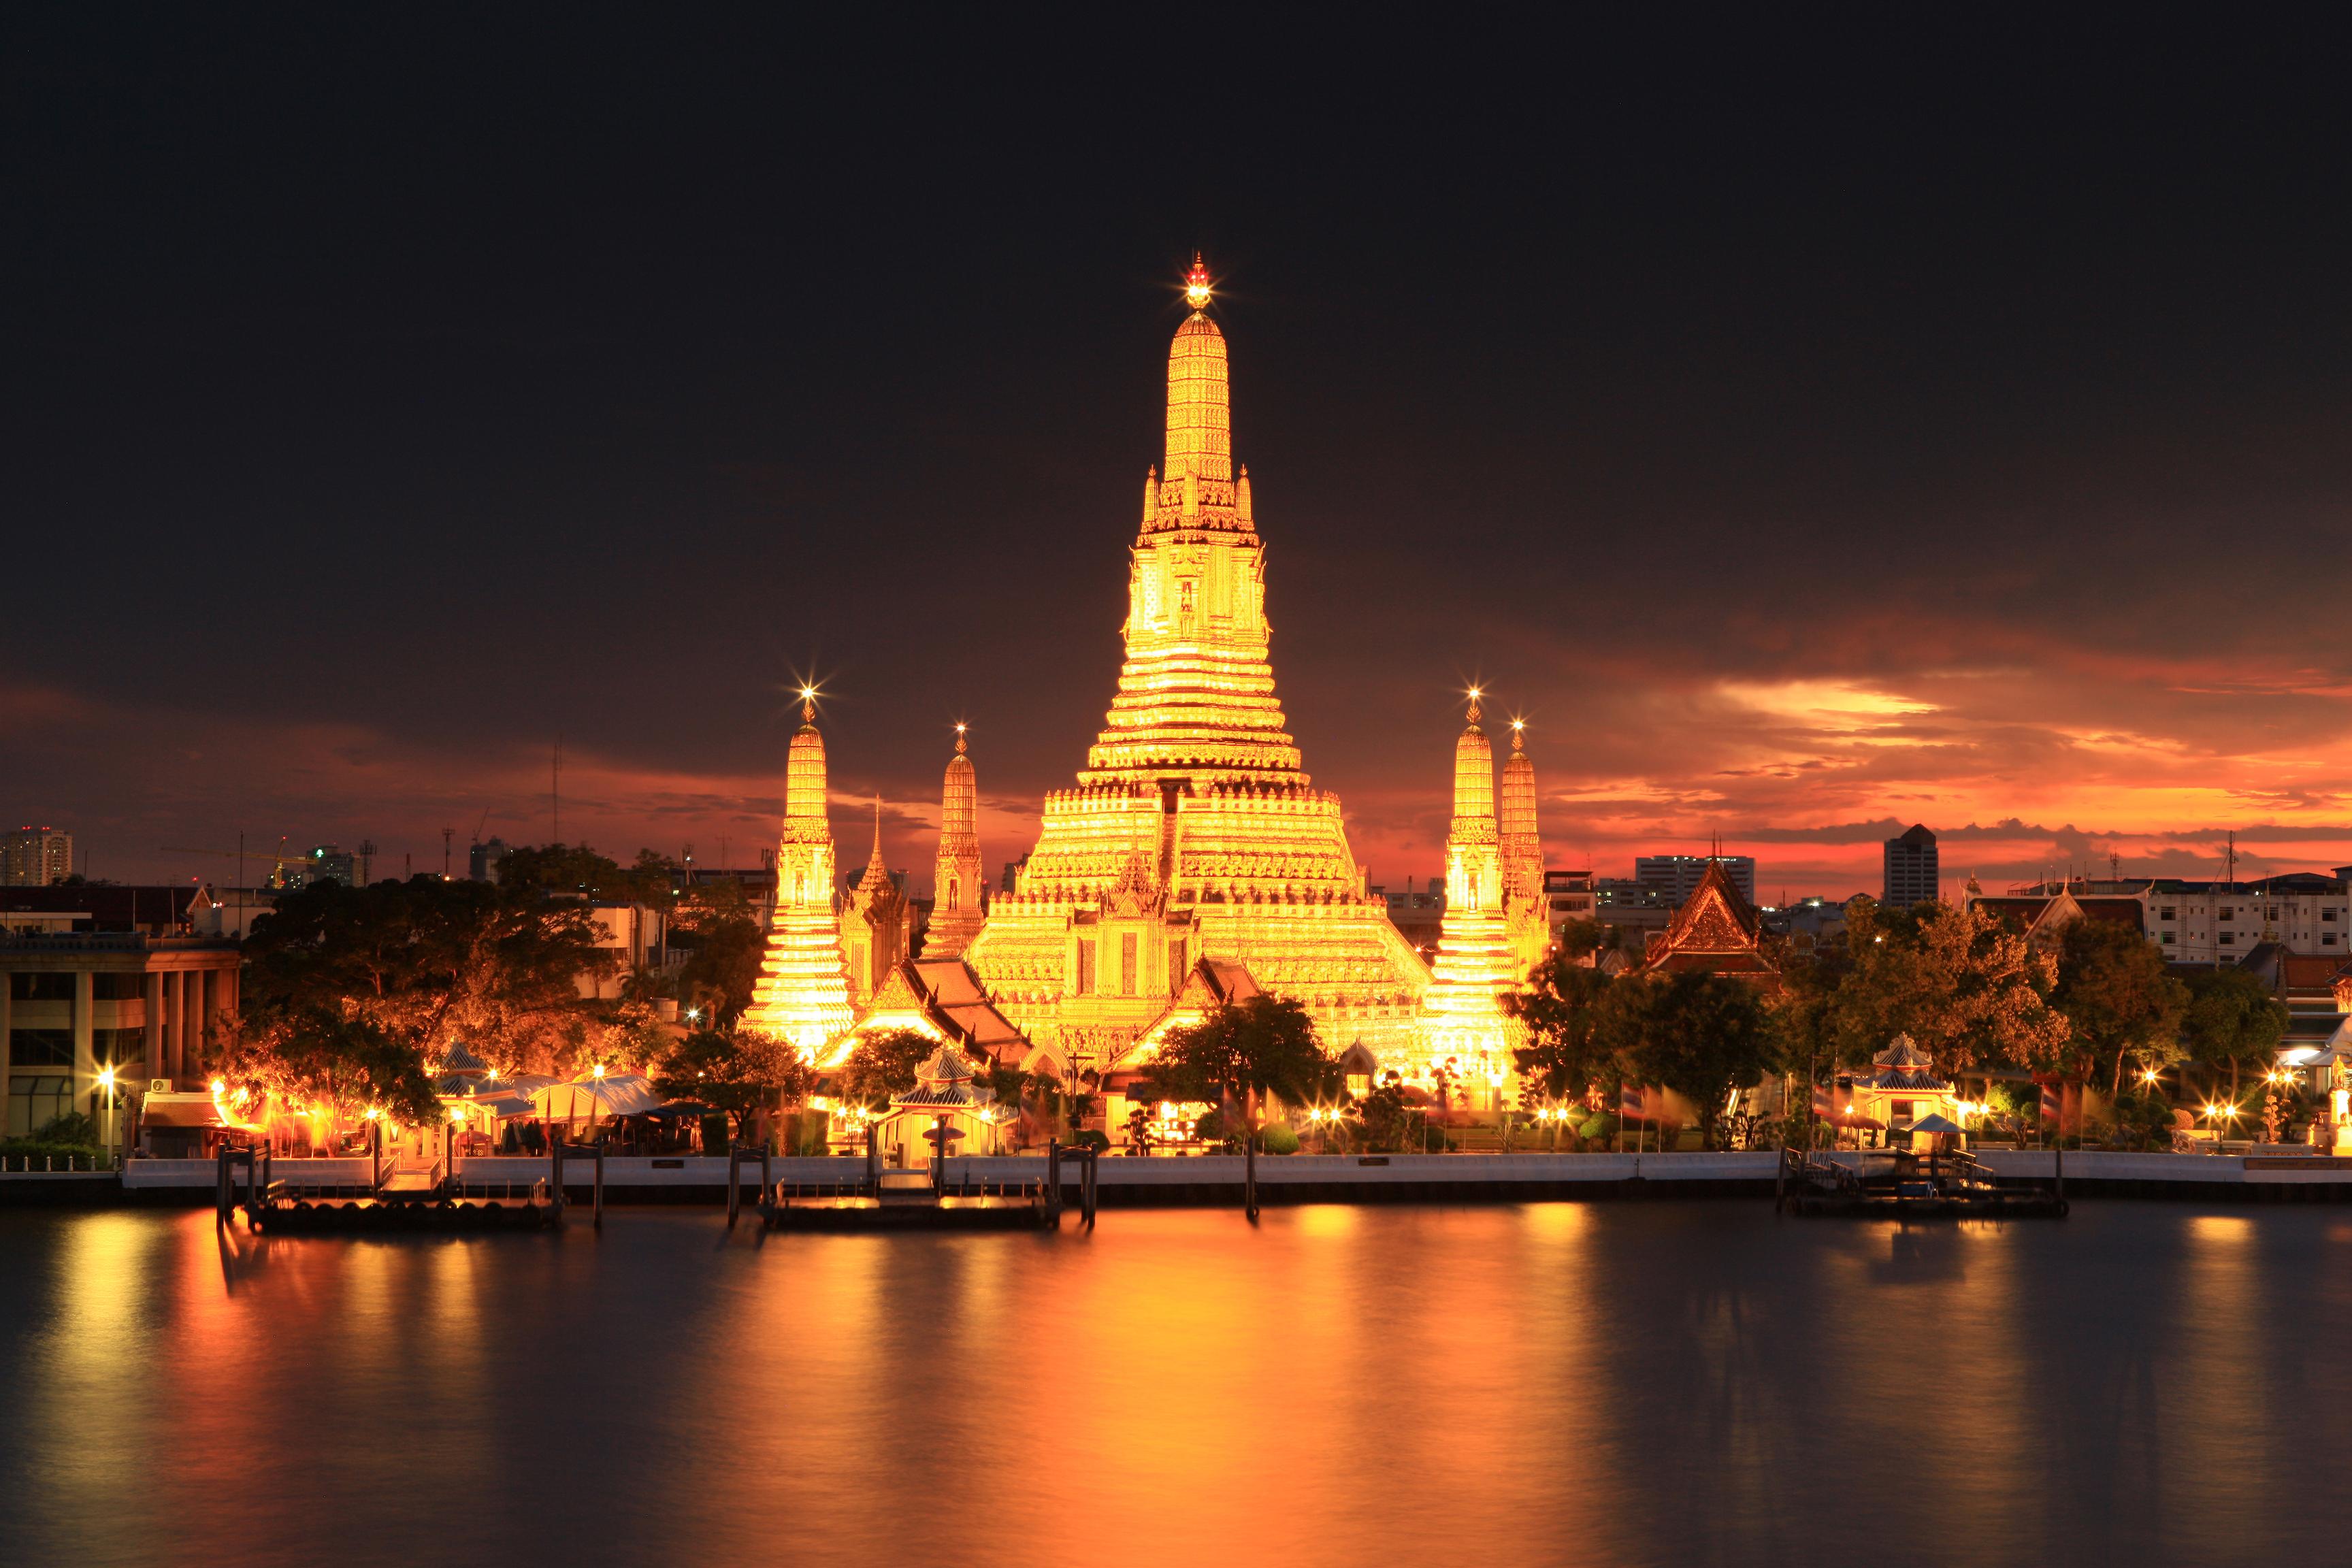 วัดอรุณราชวราราม ราชวรมหาวิหาร - กรุงเทพมหานคร : ธรรมะไทย